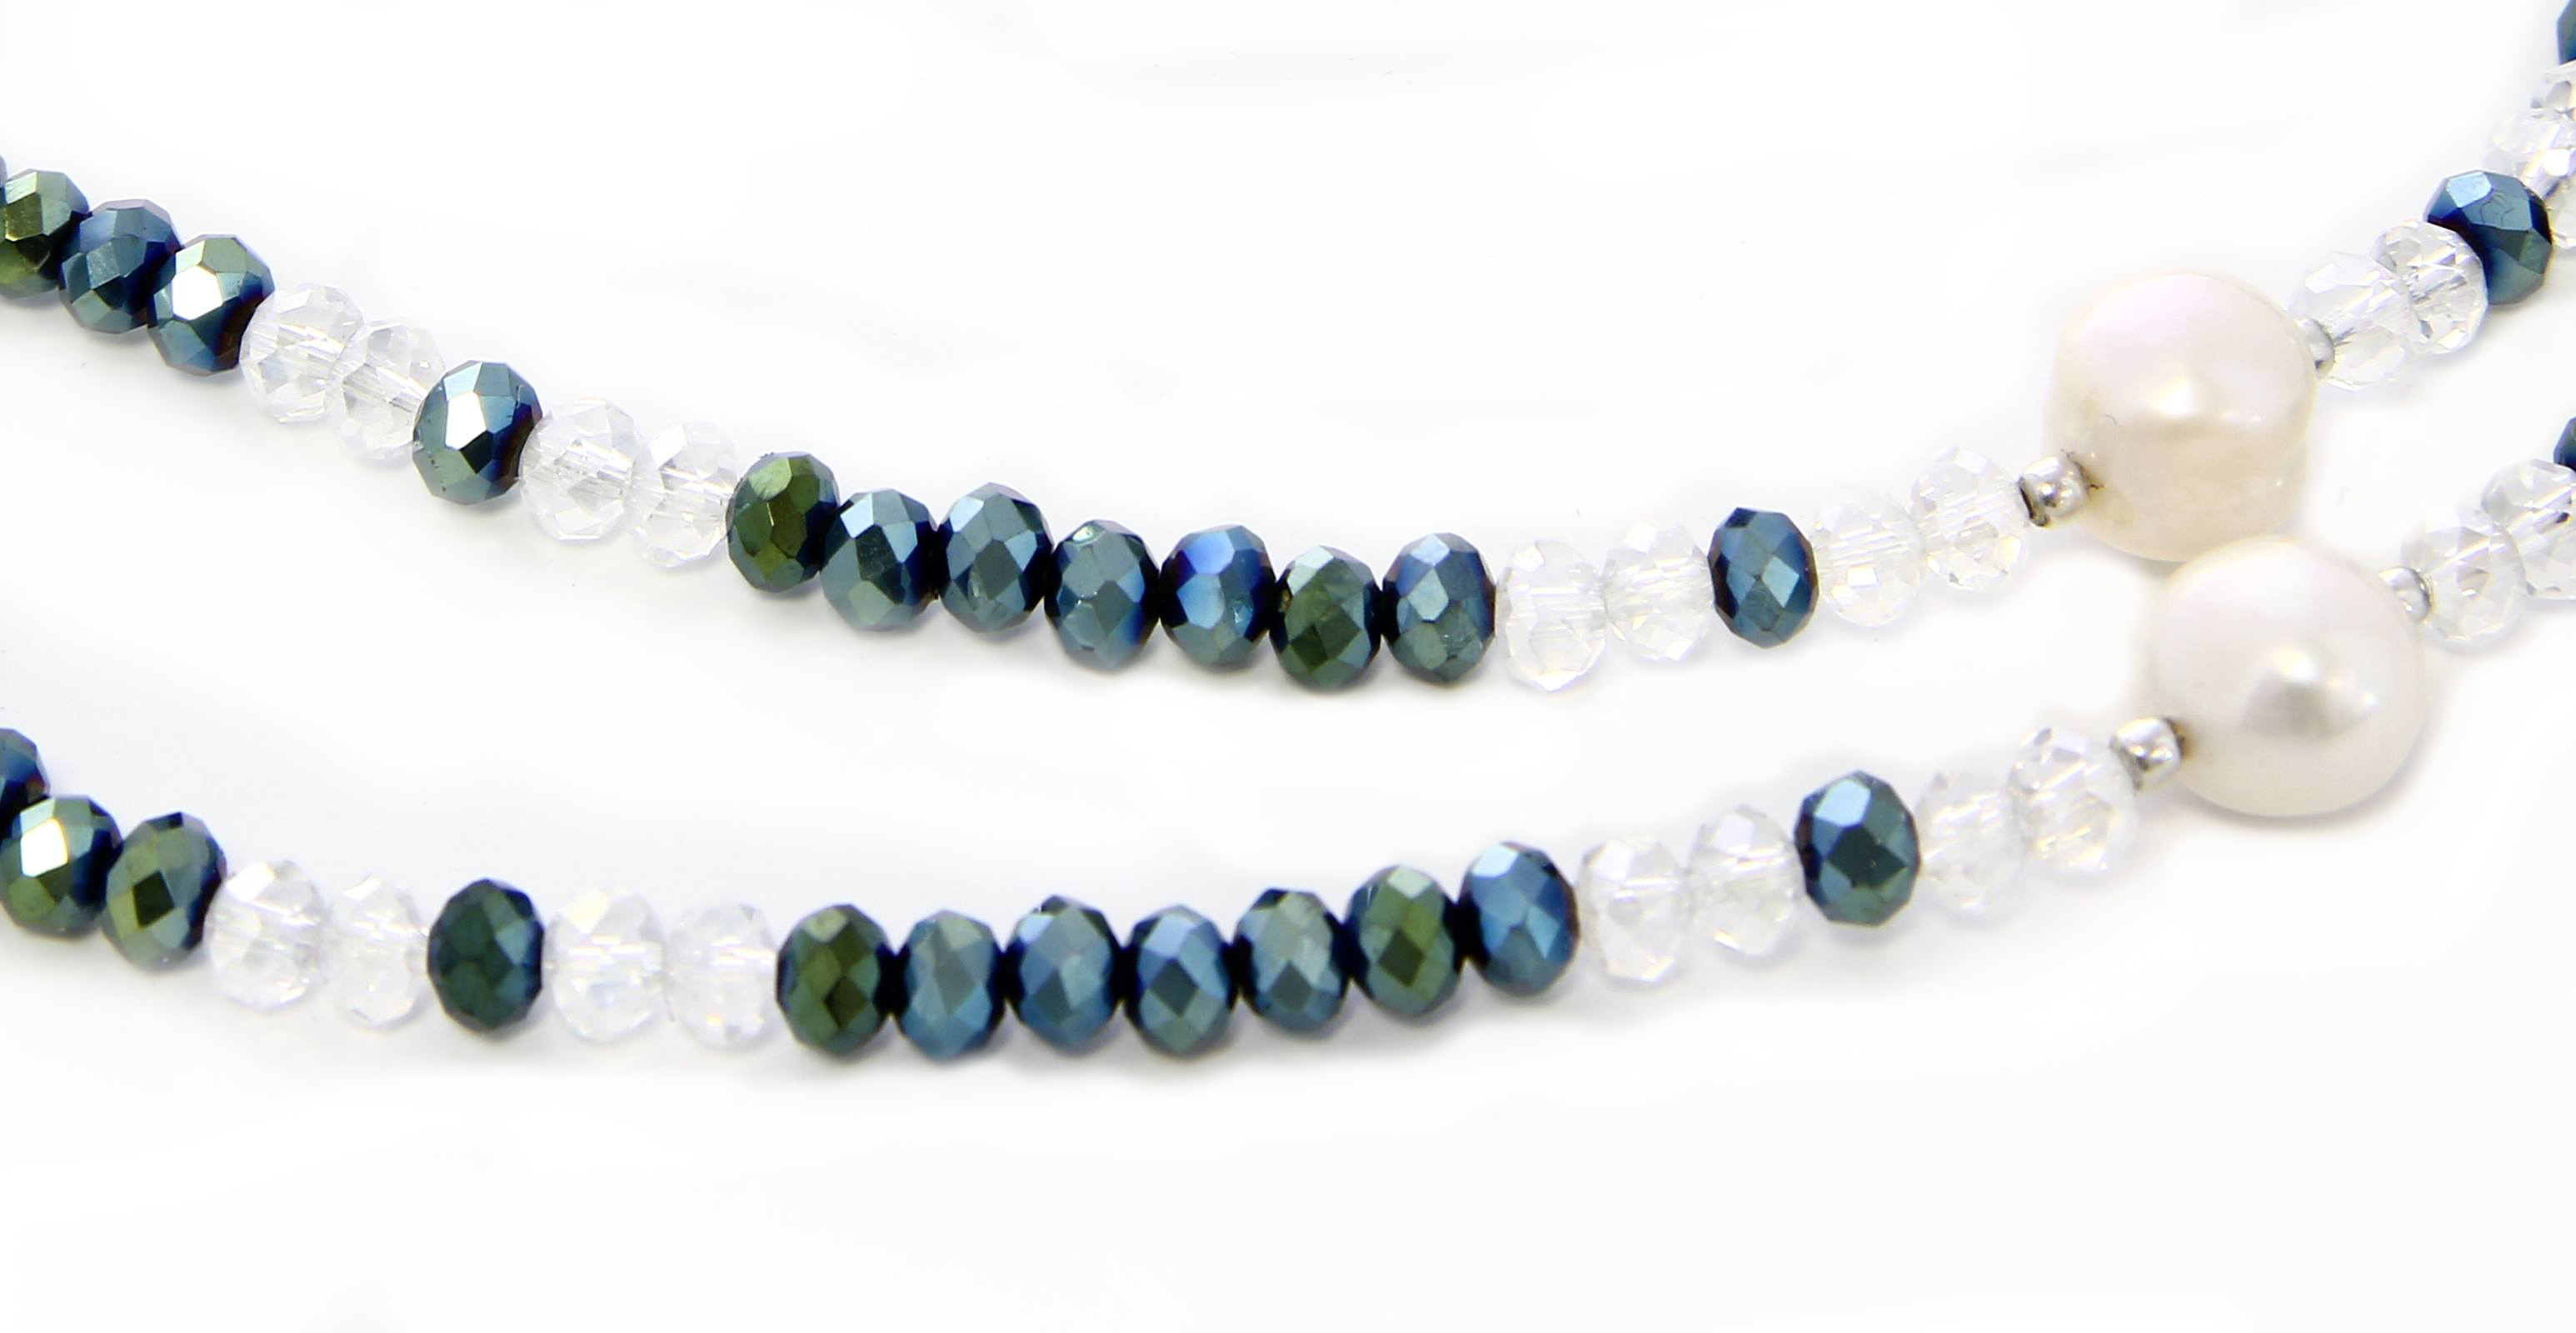 Collana-Bracciale in Argento con Cristalli Swarovski e 5 Perle Bianche Naturali